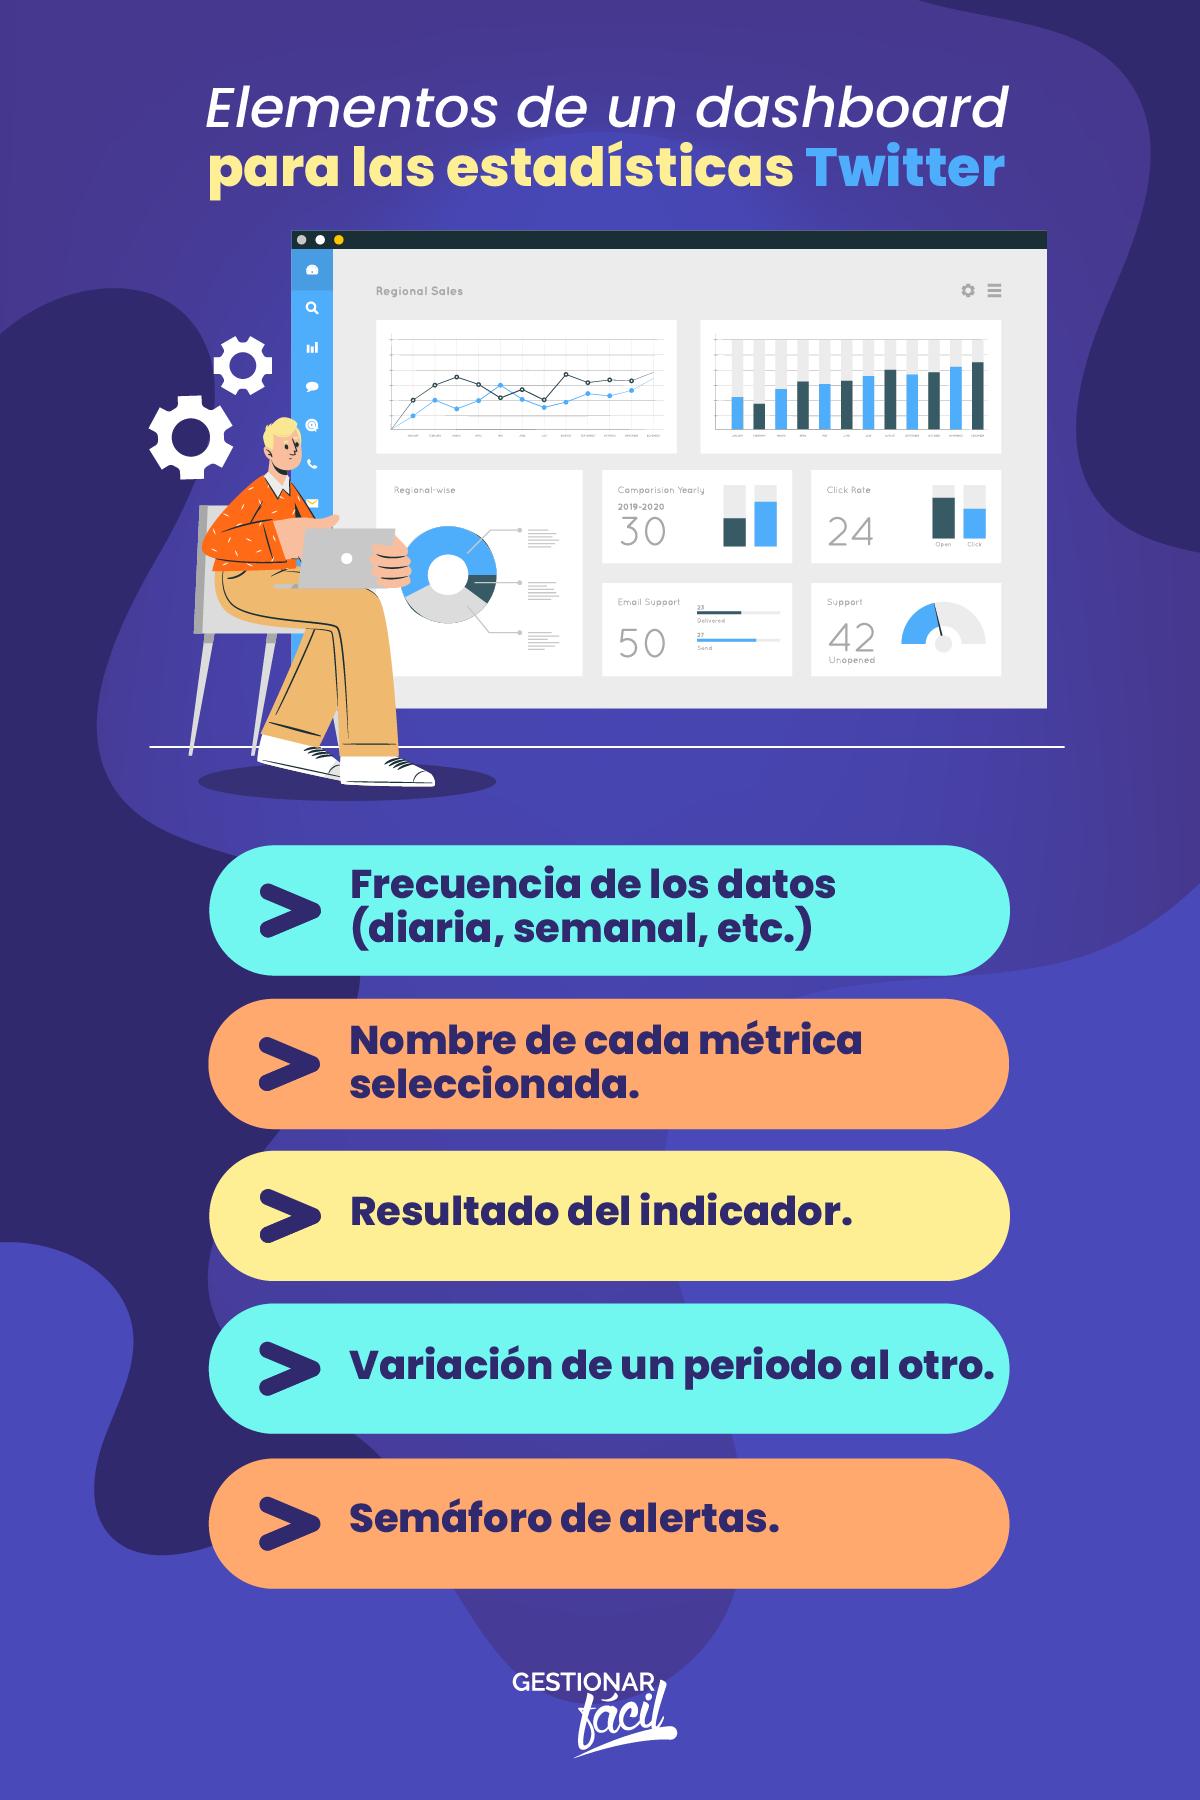 Elementos de un dashboard para las estadísticas Twitter.